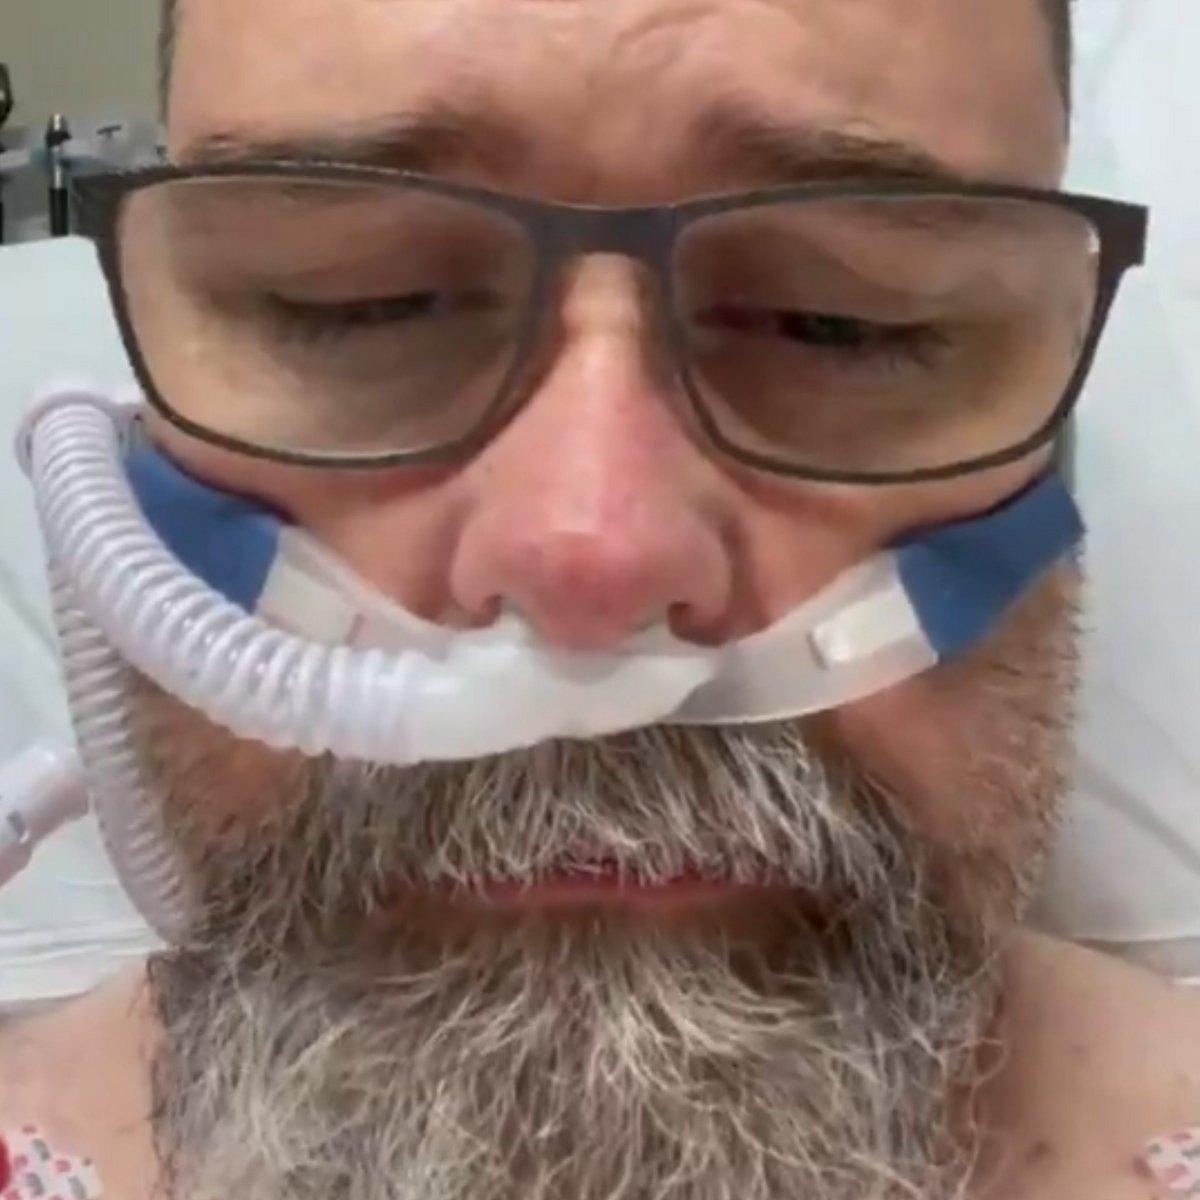 Cet anti-masque qui niait l'existence du COVID-19 a émis un avertissement contre le coronavirus